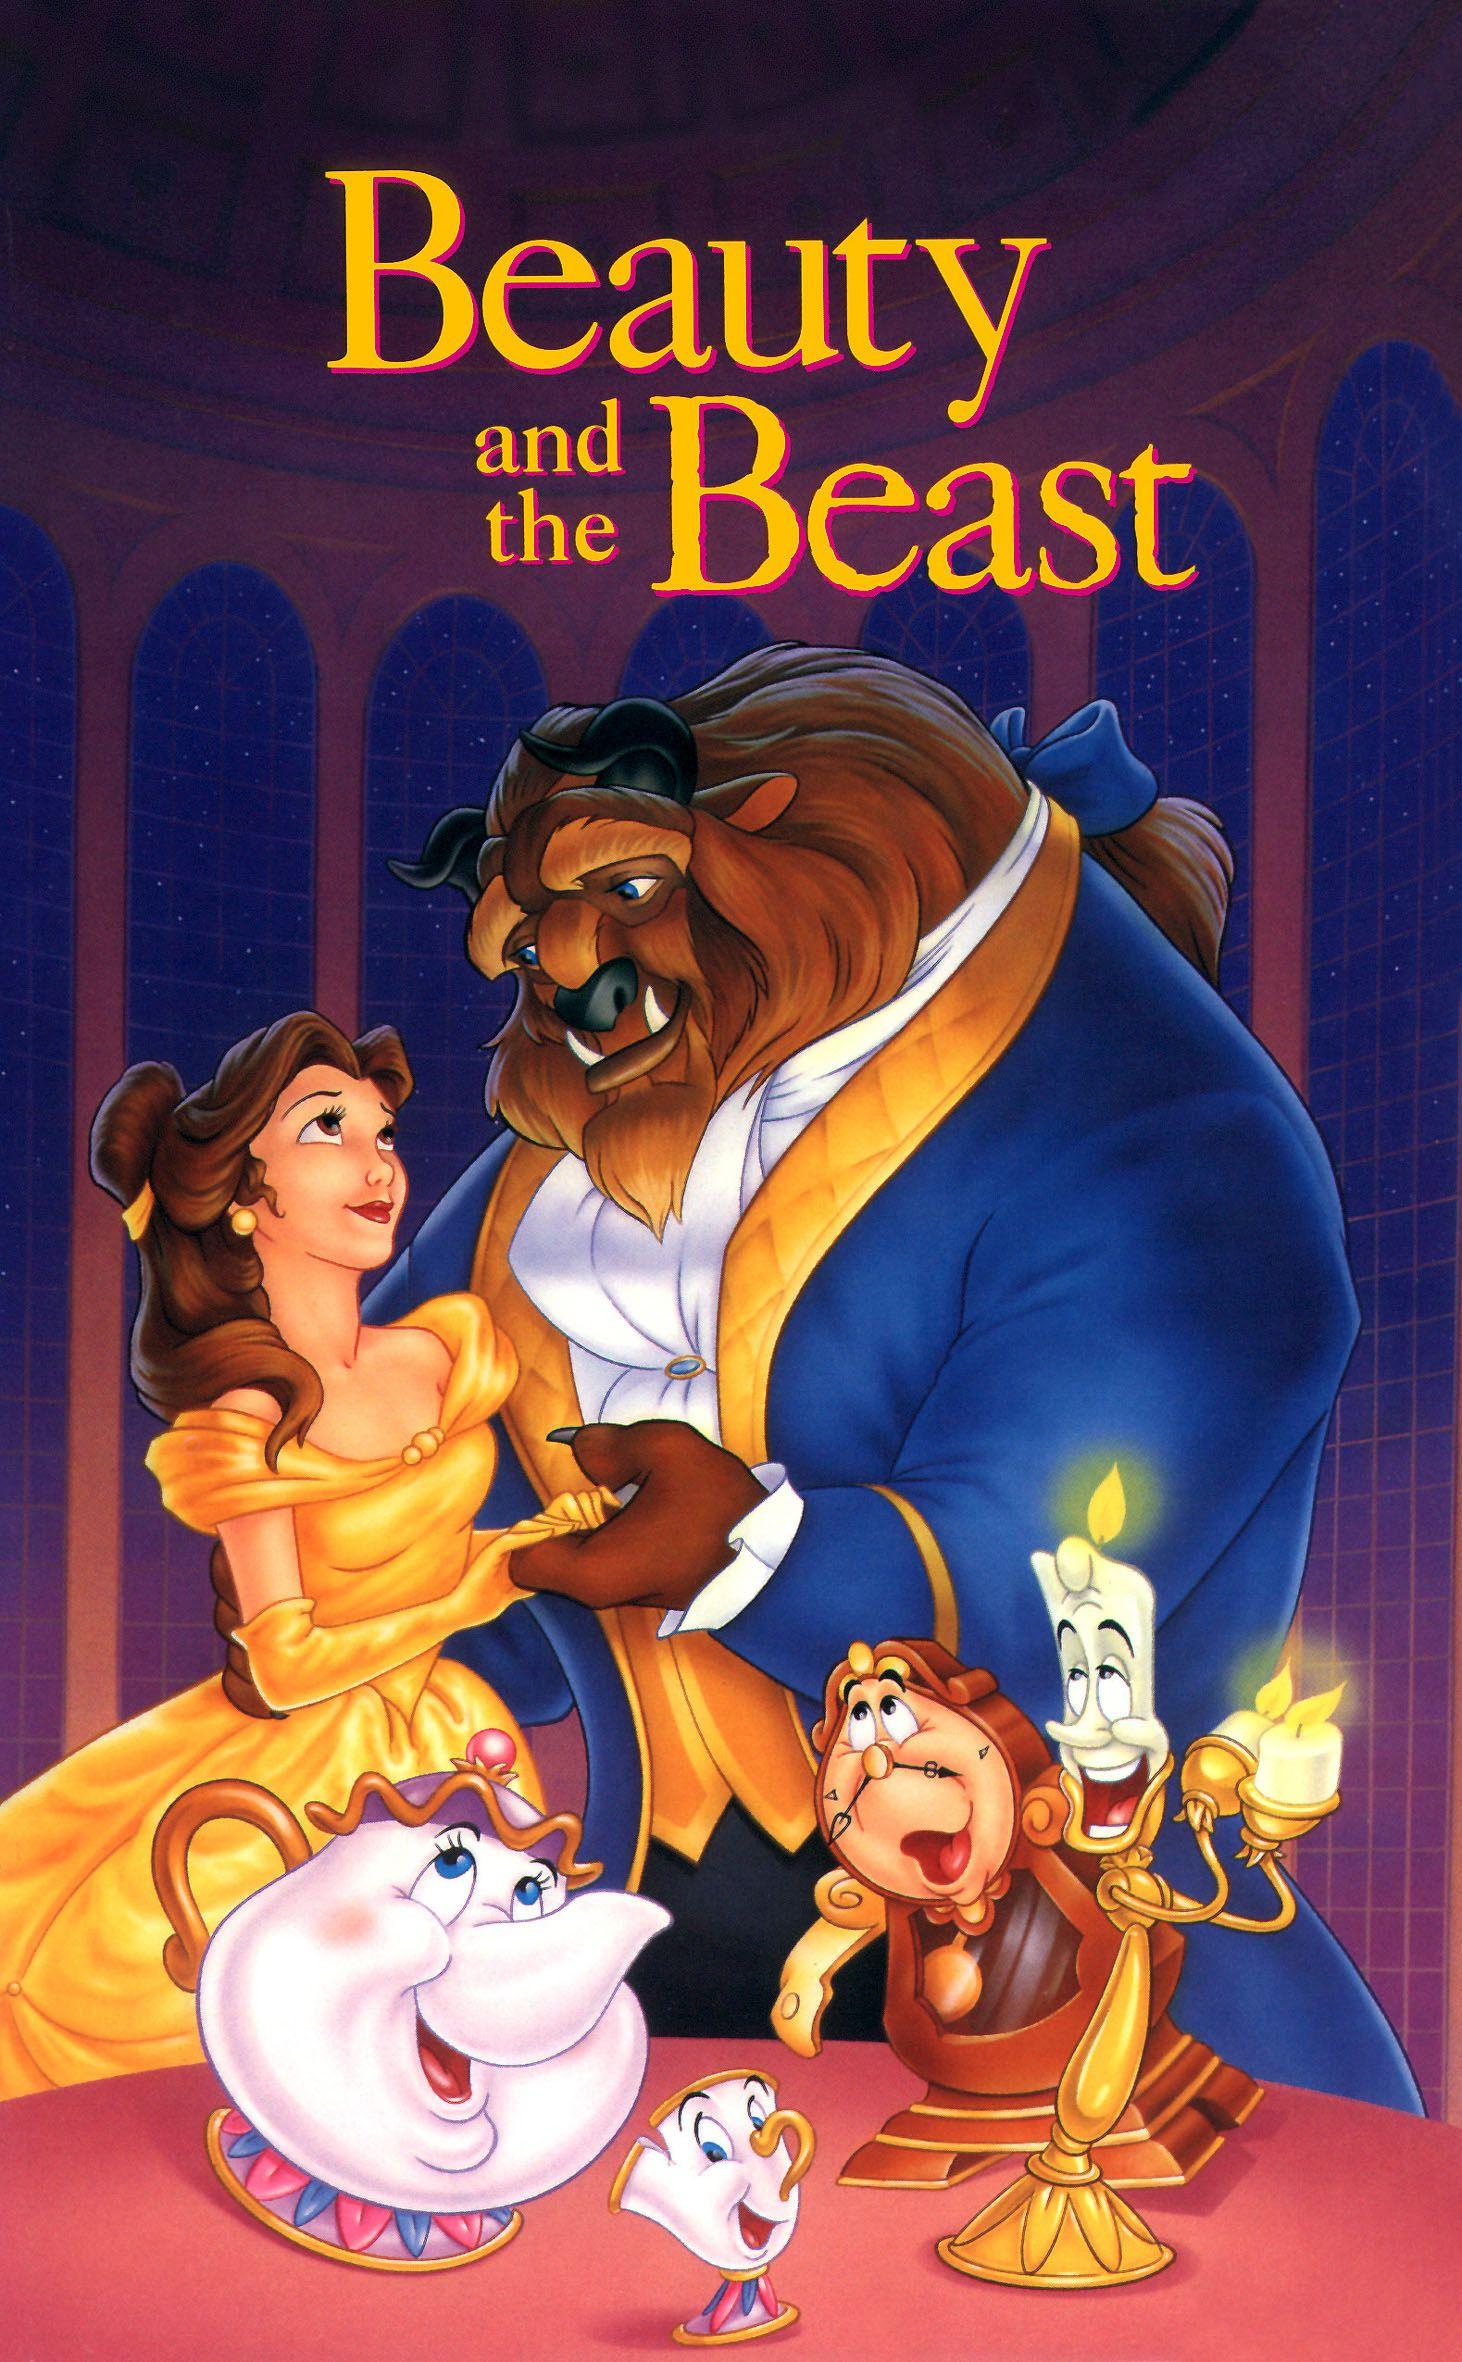 La Belle Et La Bete Disney Dessin Animé : belle, disney, dessin, animé, Belle, Bête, (Beauty, Beast), ©Disney, Magie, Disney, Films, Affiches, Disney,, Enfants,